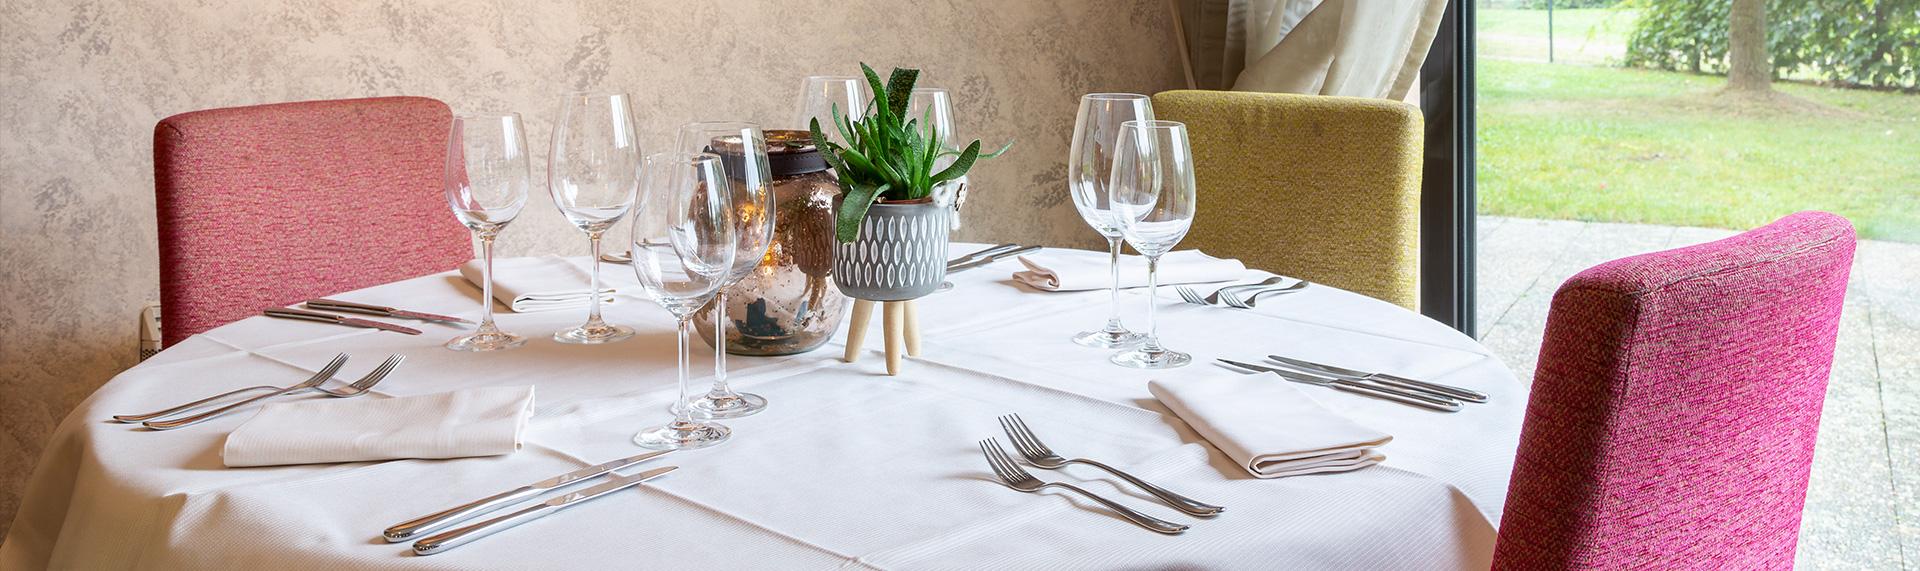 Restaurant gastronomique dans un cadre chaleureux près d'Obernai